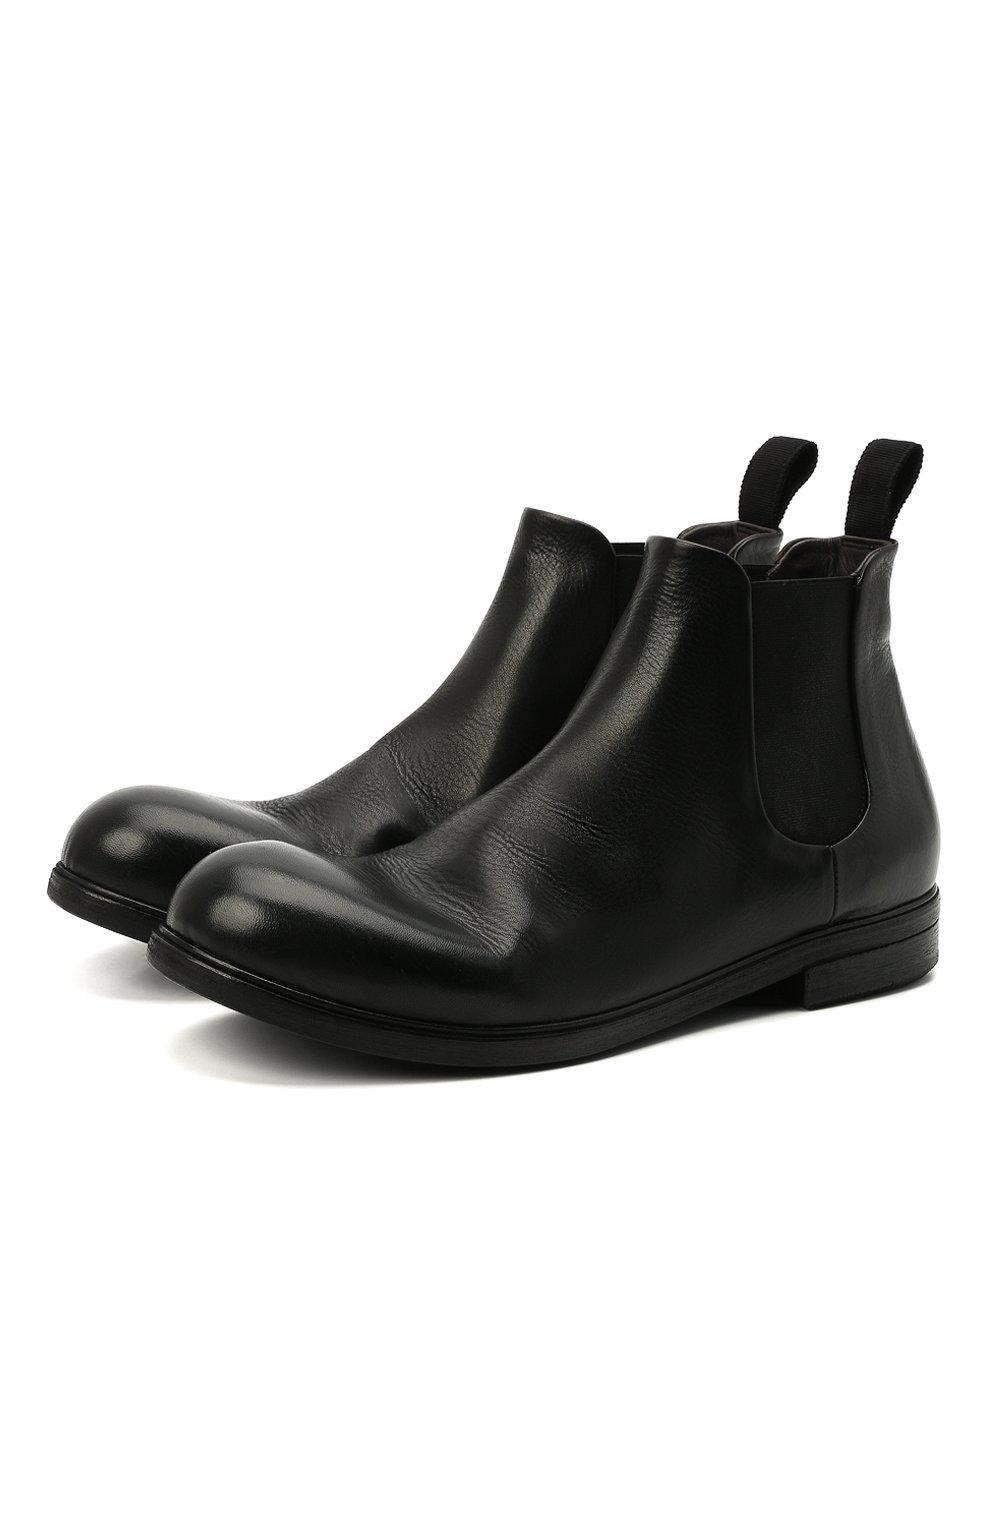 Мужские кожаные челси MARSELL черного цвета, арт. MM2440/PELLE V0L0NATA   Фото 1 (Материал внутренний: Натуральная кожа; Подошва: Плоская; Мужское Кросс-КТ: Сапоги-обувь, Челси-обувь)